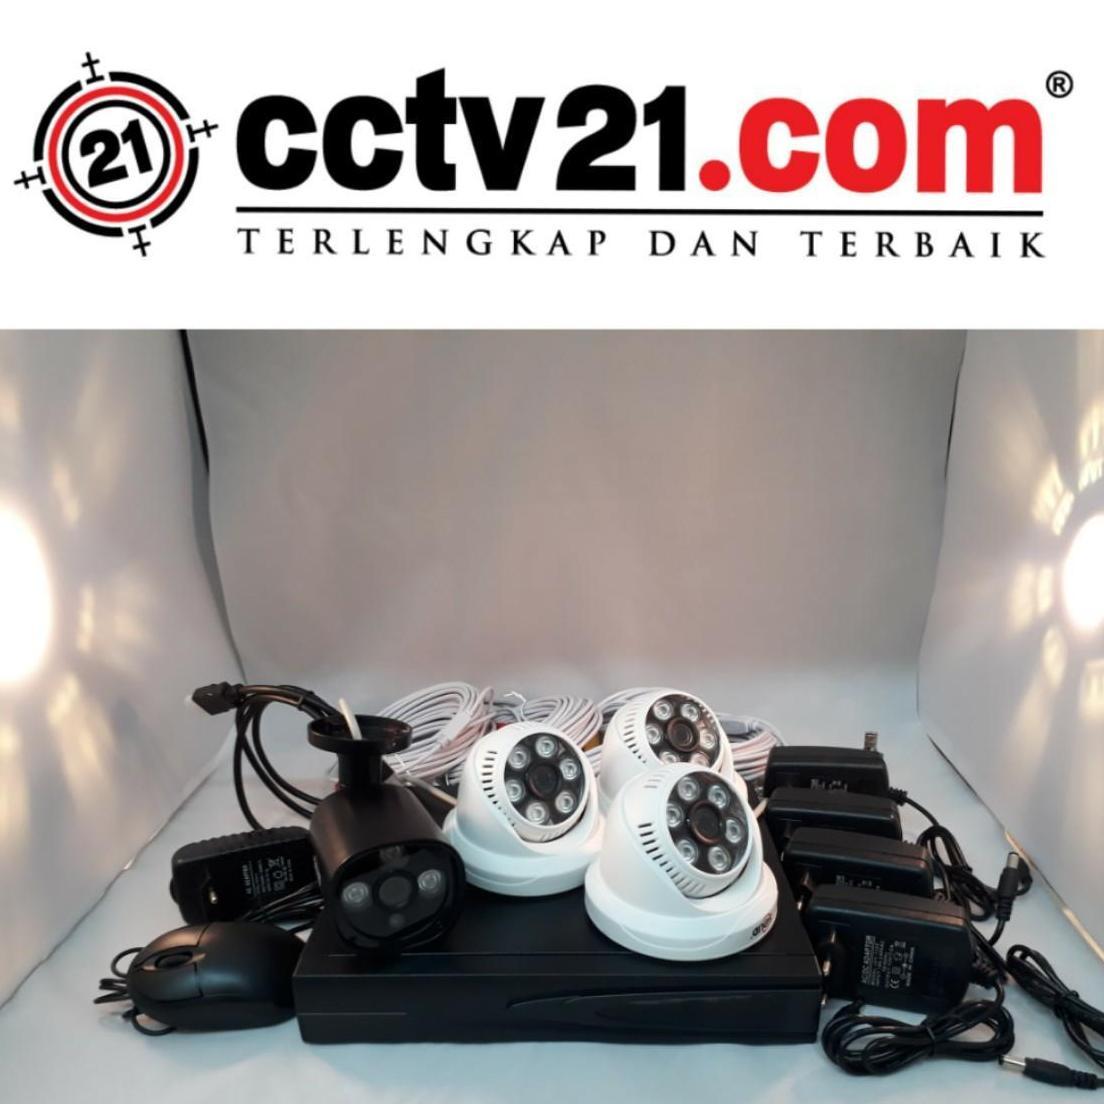 PROMO PAKET CCTV CAMERA 3 INDOOR - 1 OUTDOOR 960P - DVR 4 CH